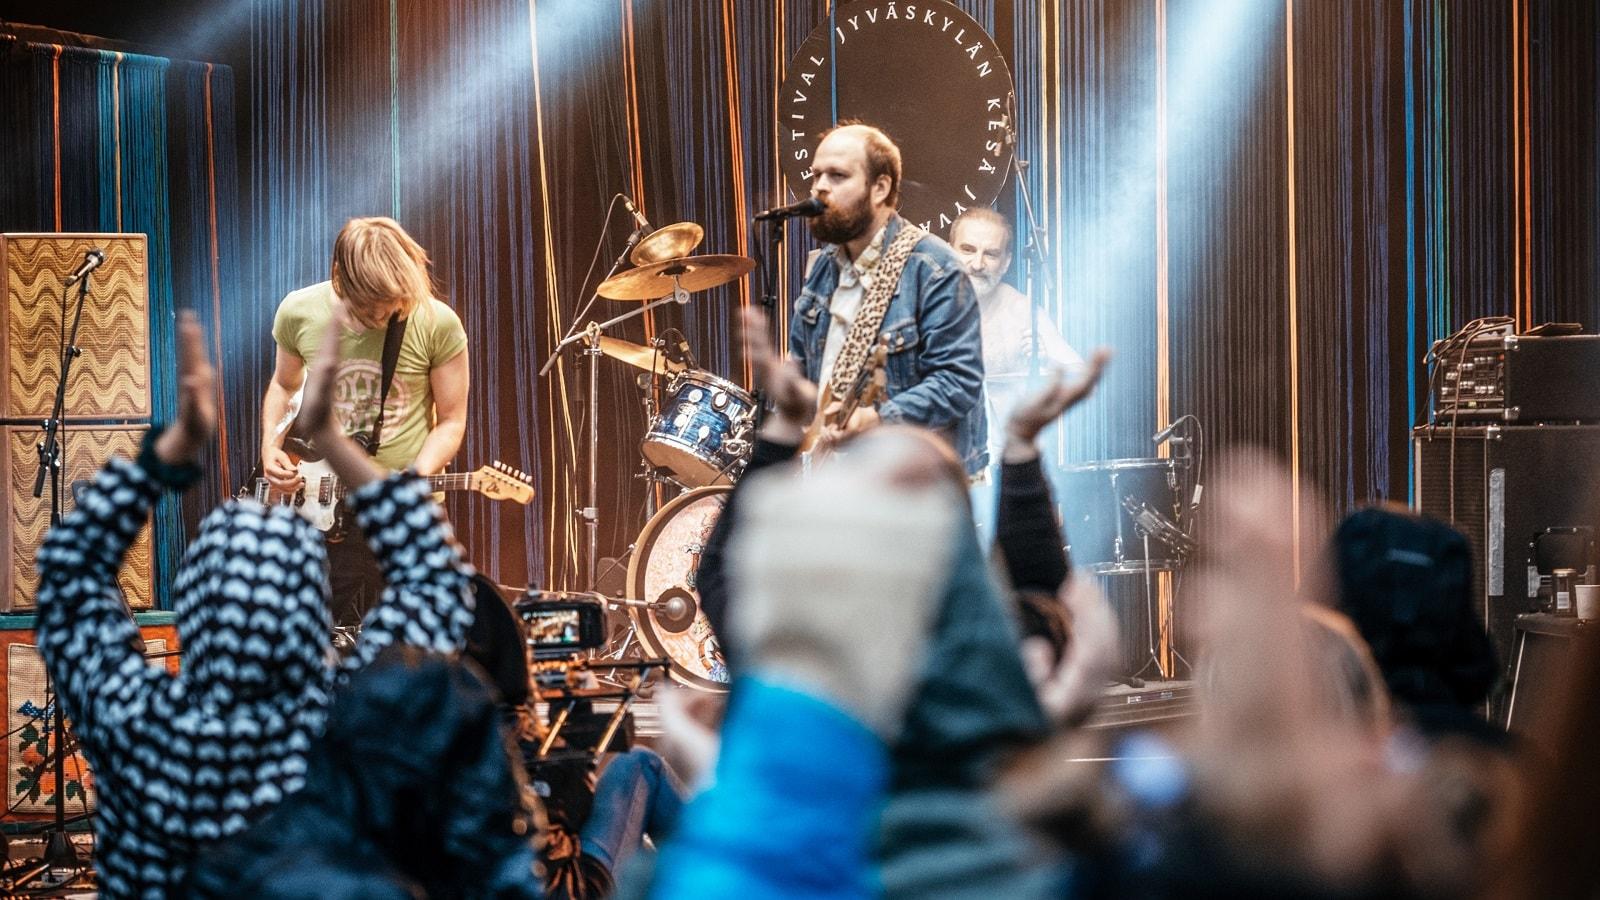 Bändi soittamassa yleisölle Jyväskylän Kesä-festivaalissa.